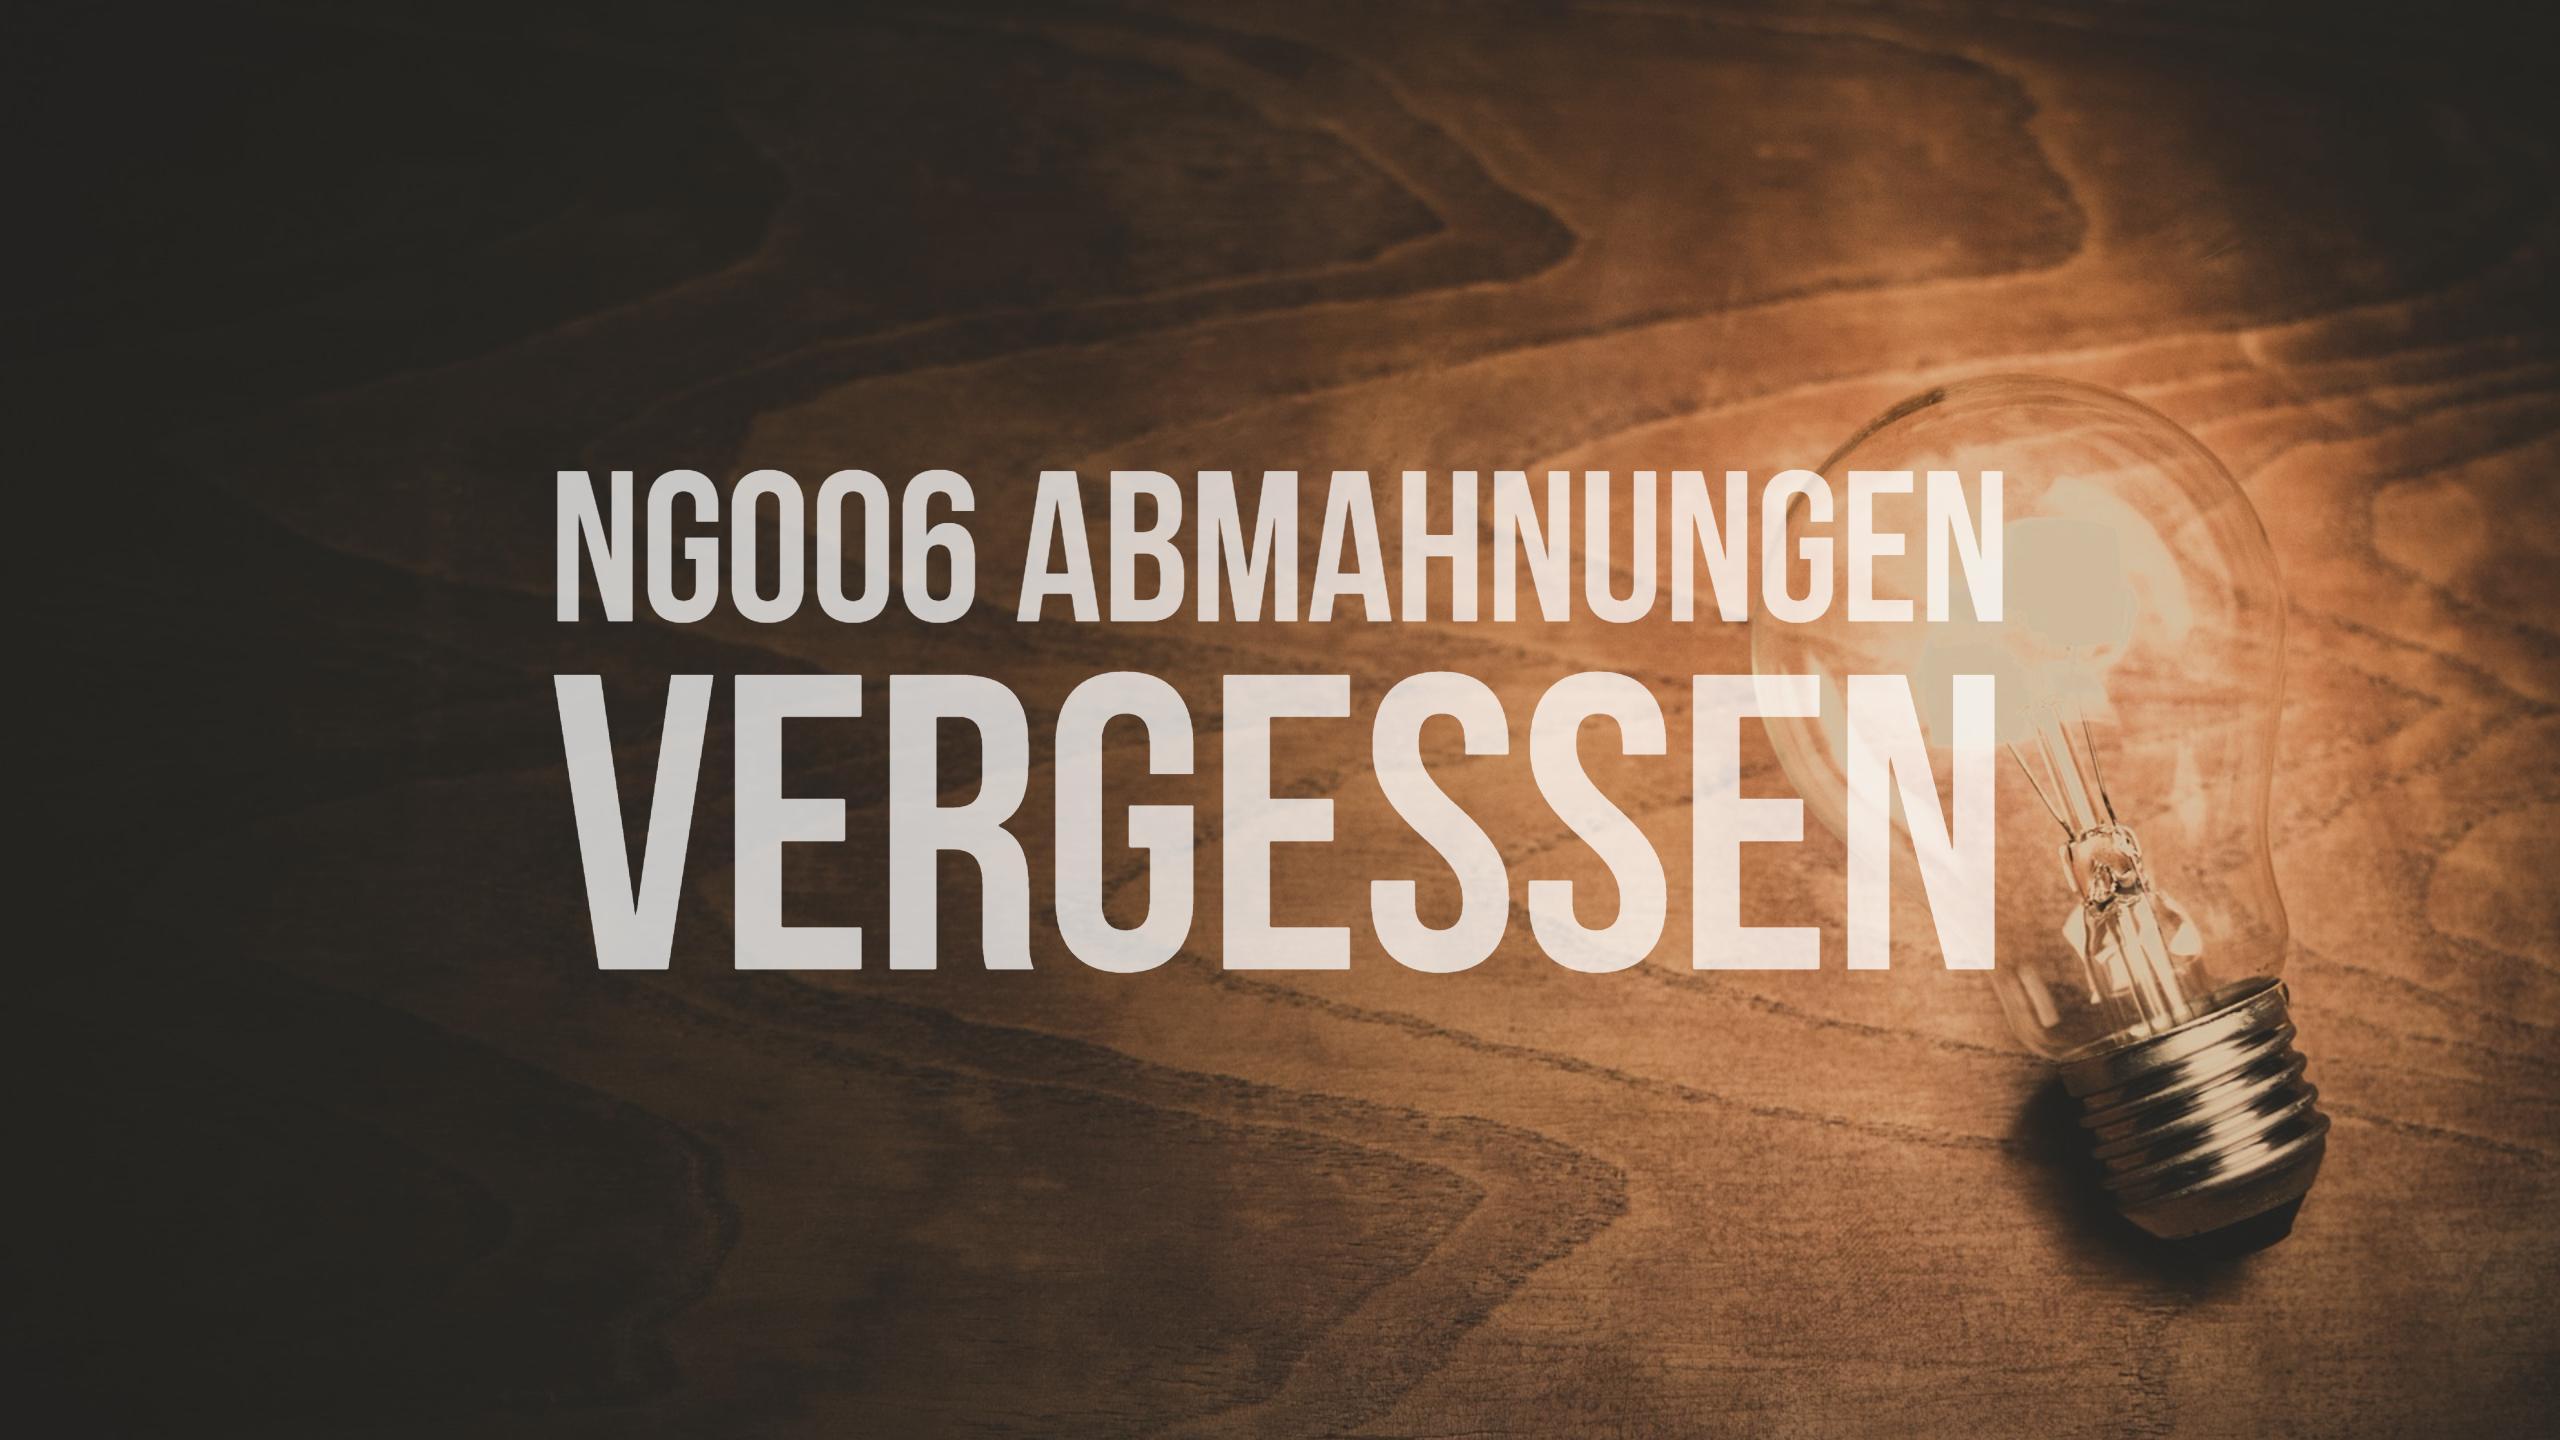 NG006 Abmahnungen vergessen